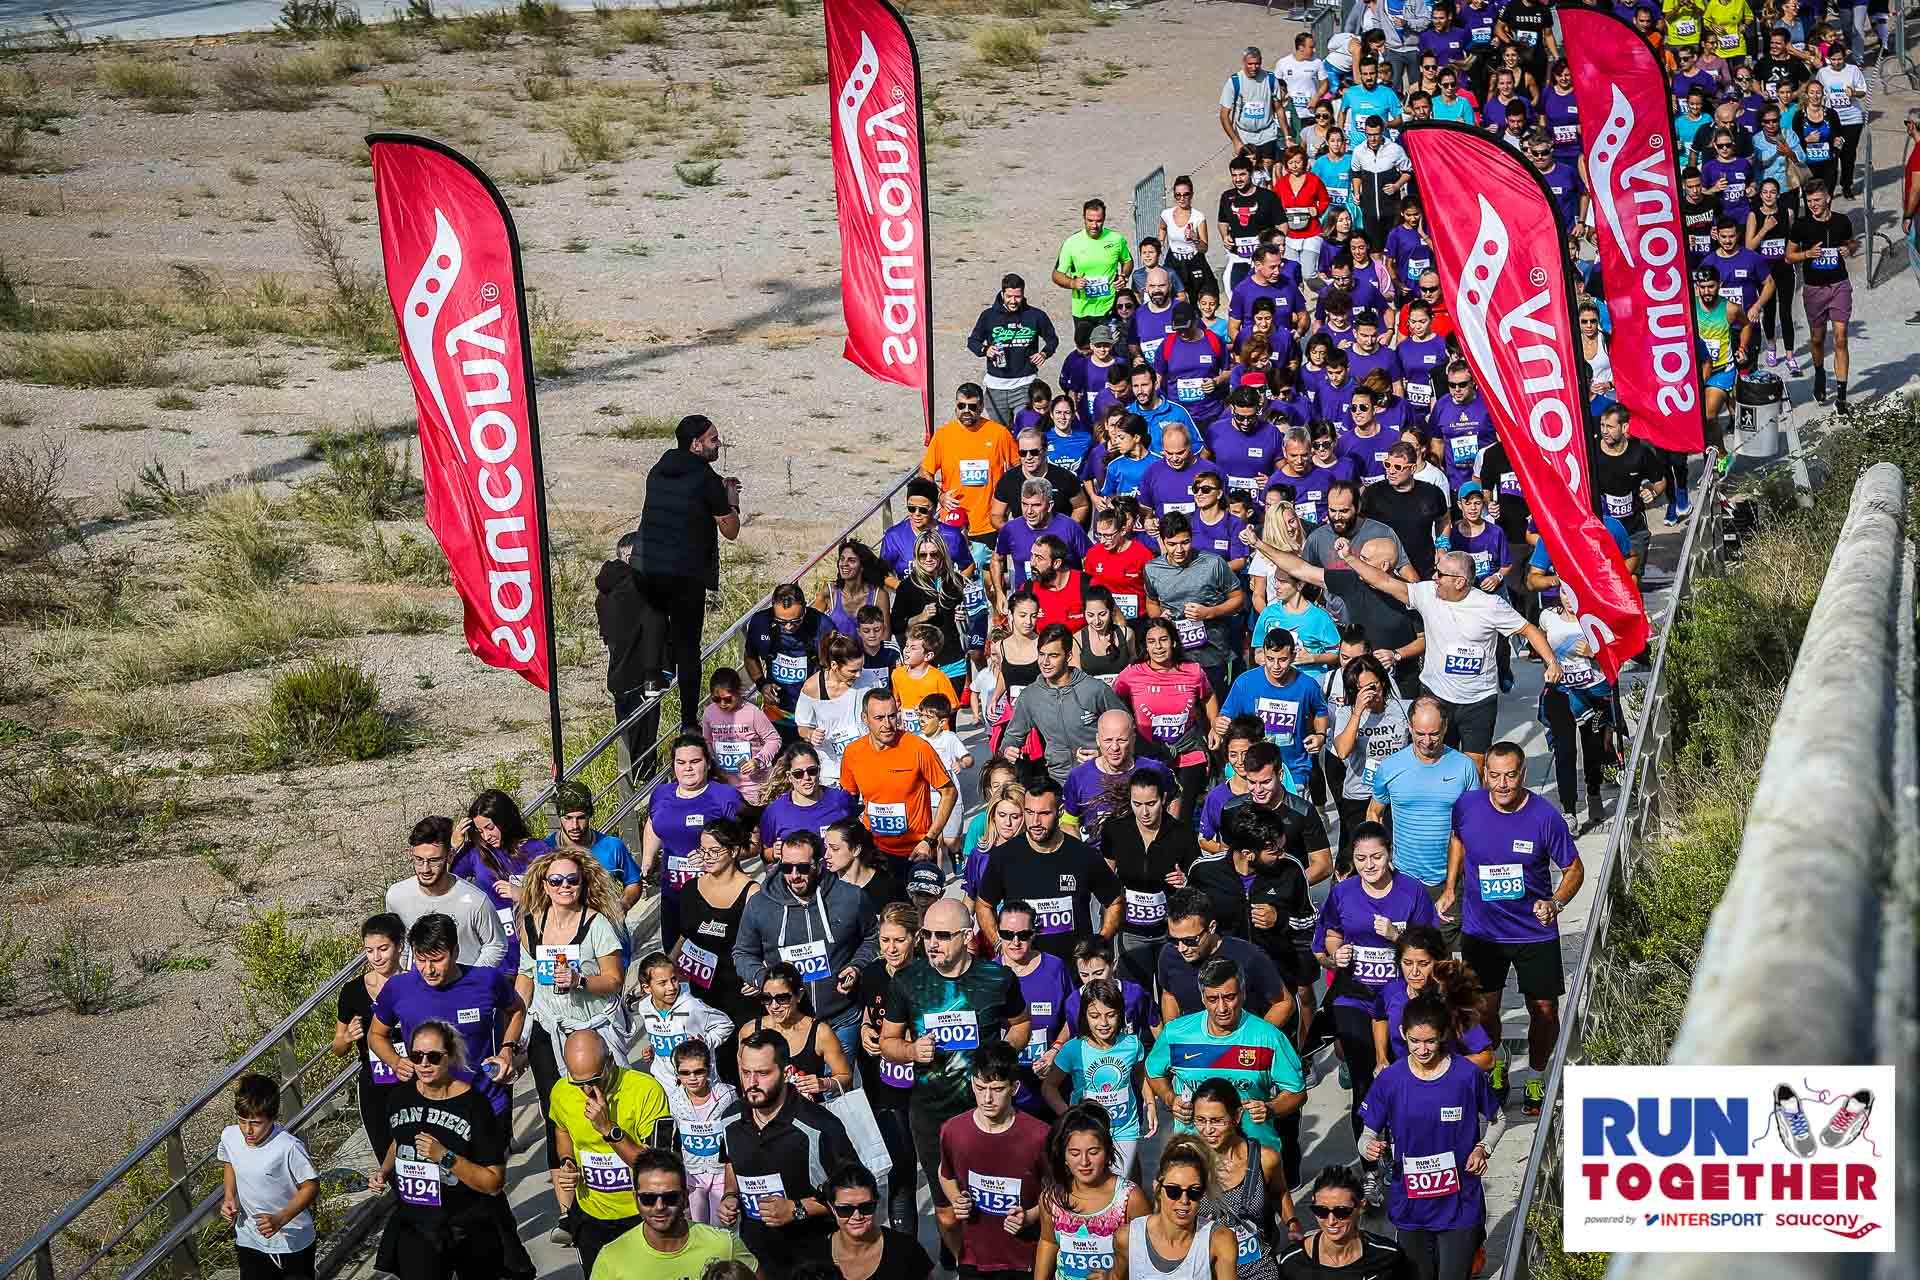 Όλα όσα πρέπει να ξέρετε για το Run Together Athens 2019